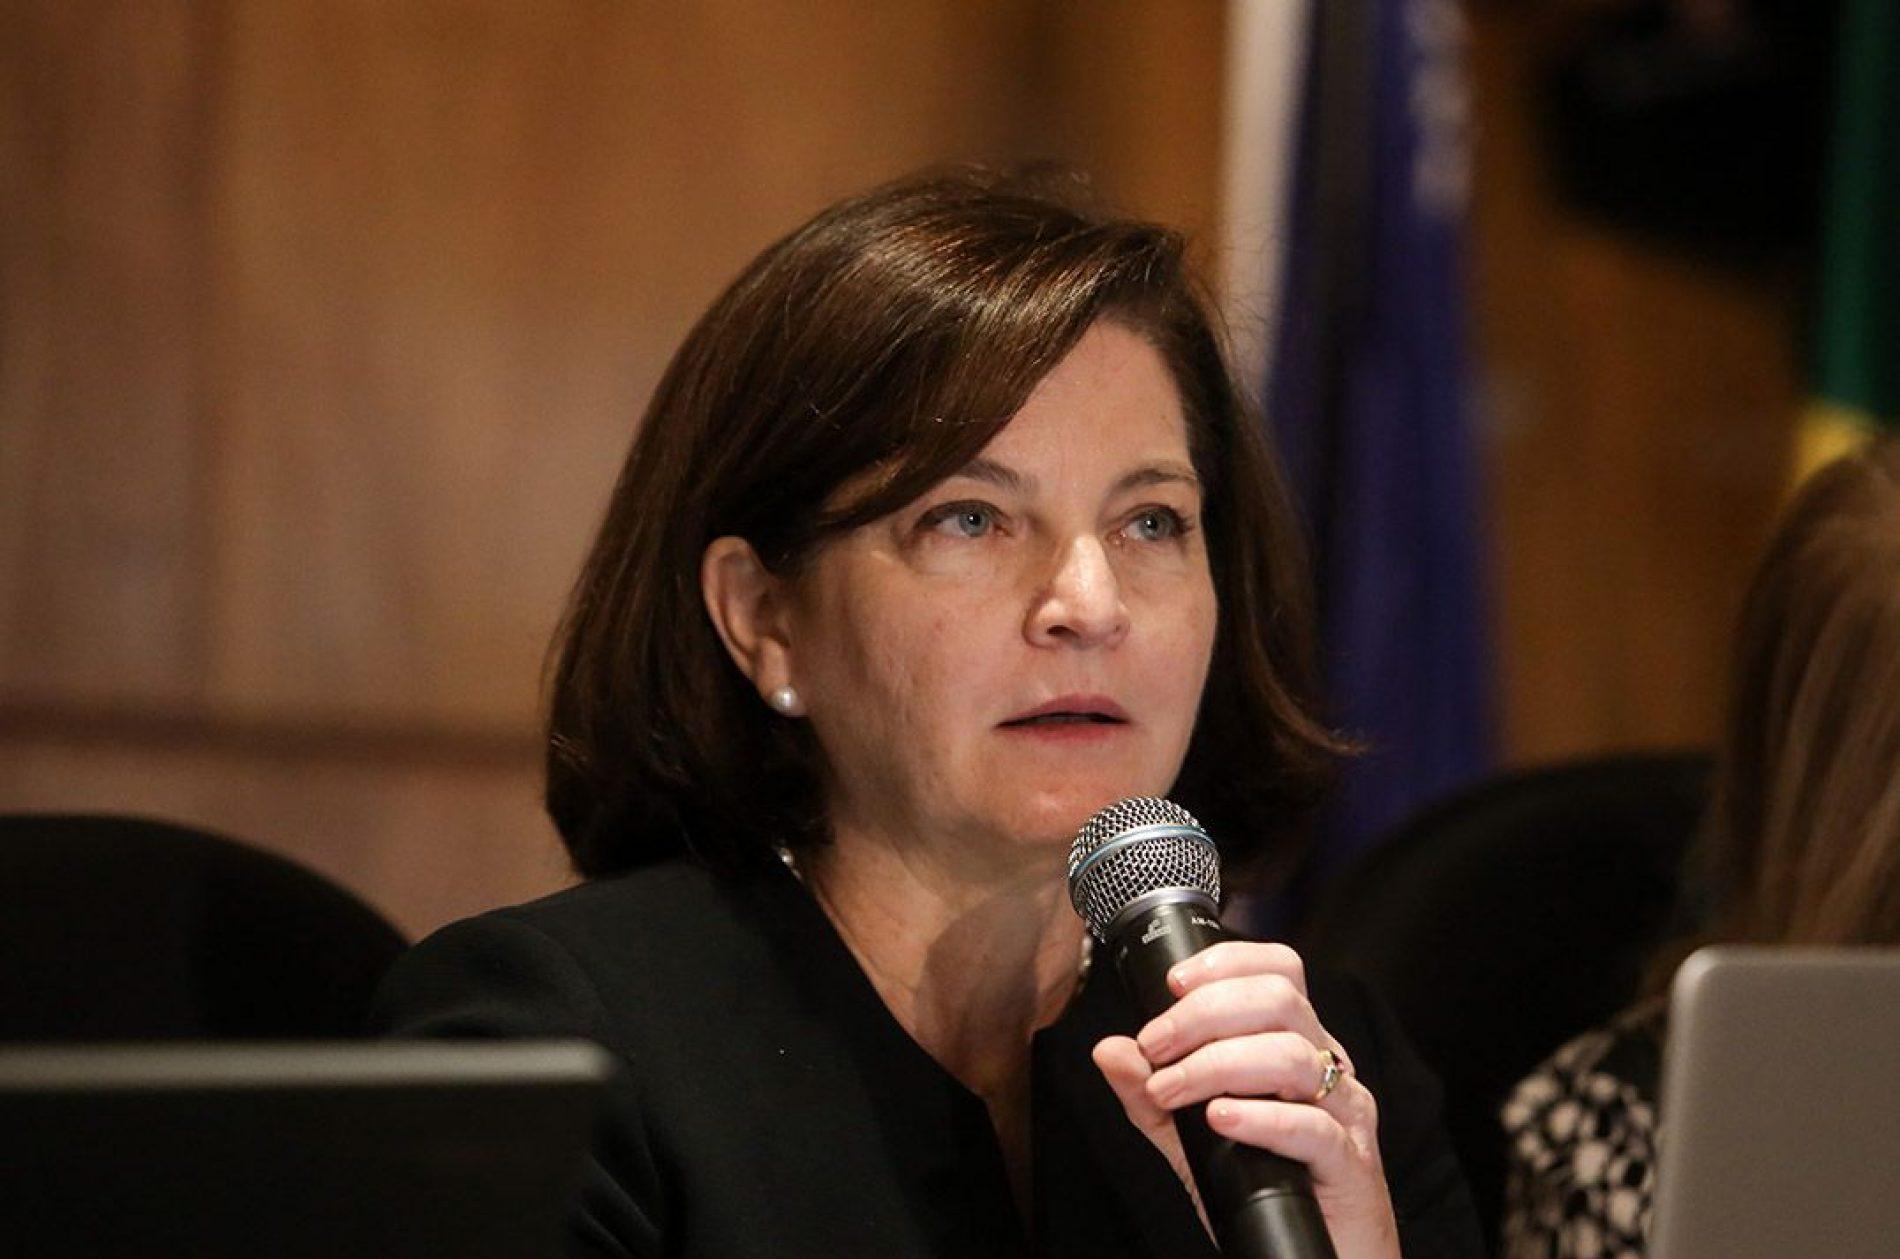 Raquel Dodge ao Senado: 'Tenho preparo técnico e condição moral'